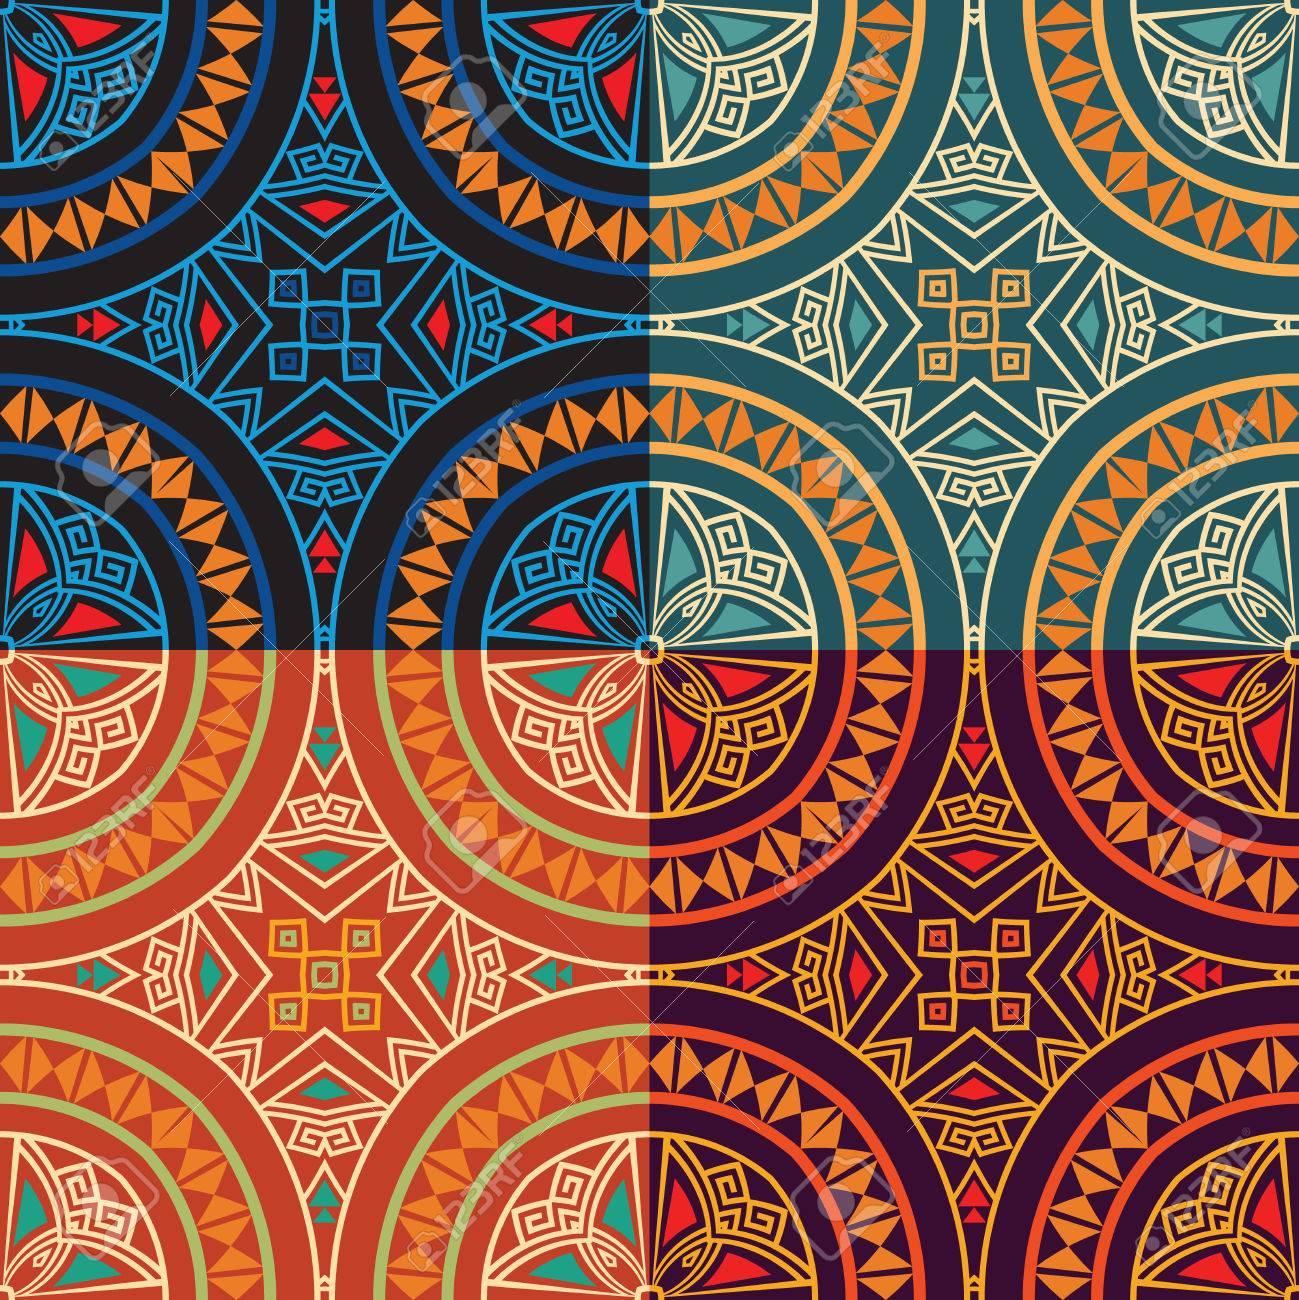 6909a21aa859e3 Banque d images - Régler la collection de quatre mêmes motifs colorés  ethniques colorés et homogènes en différentes couleurs. Bright textures  abstraites.